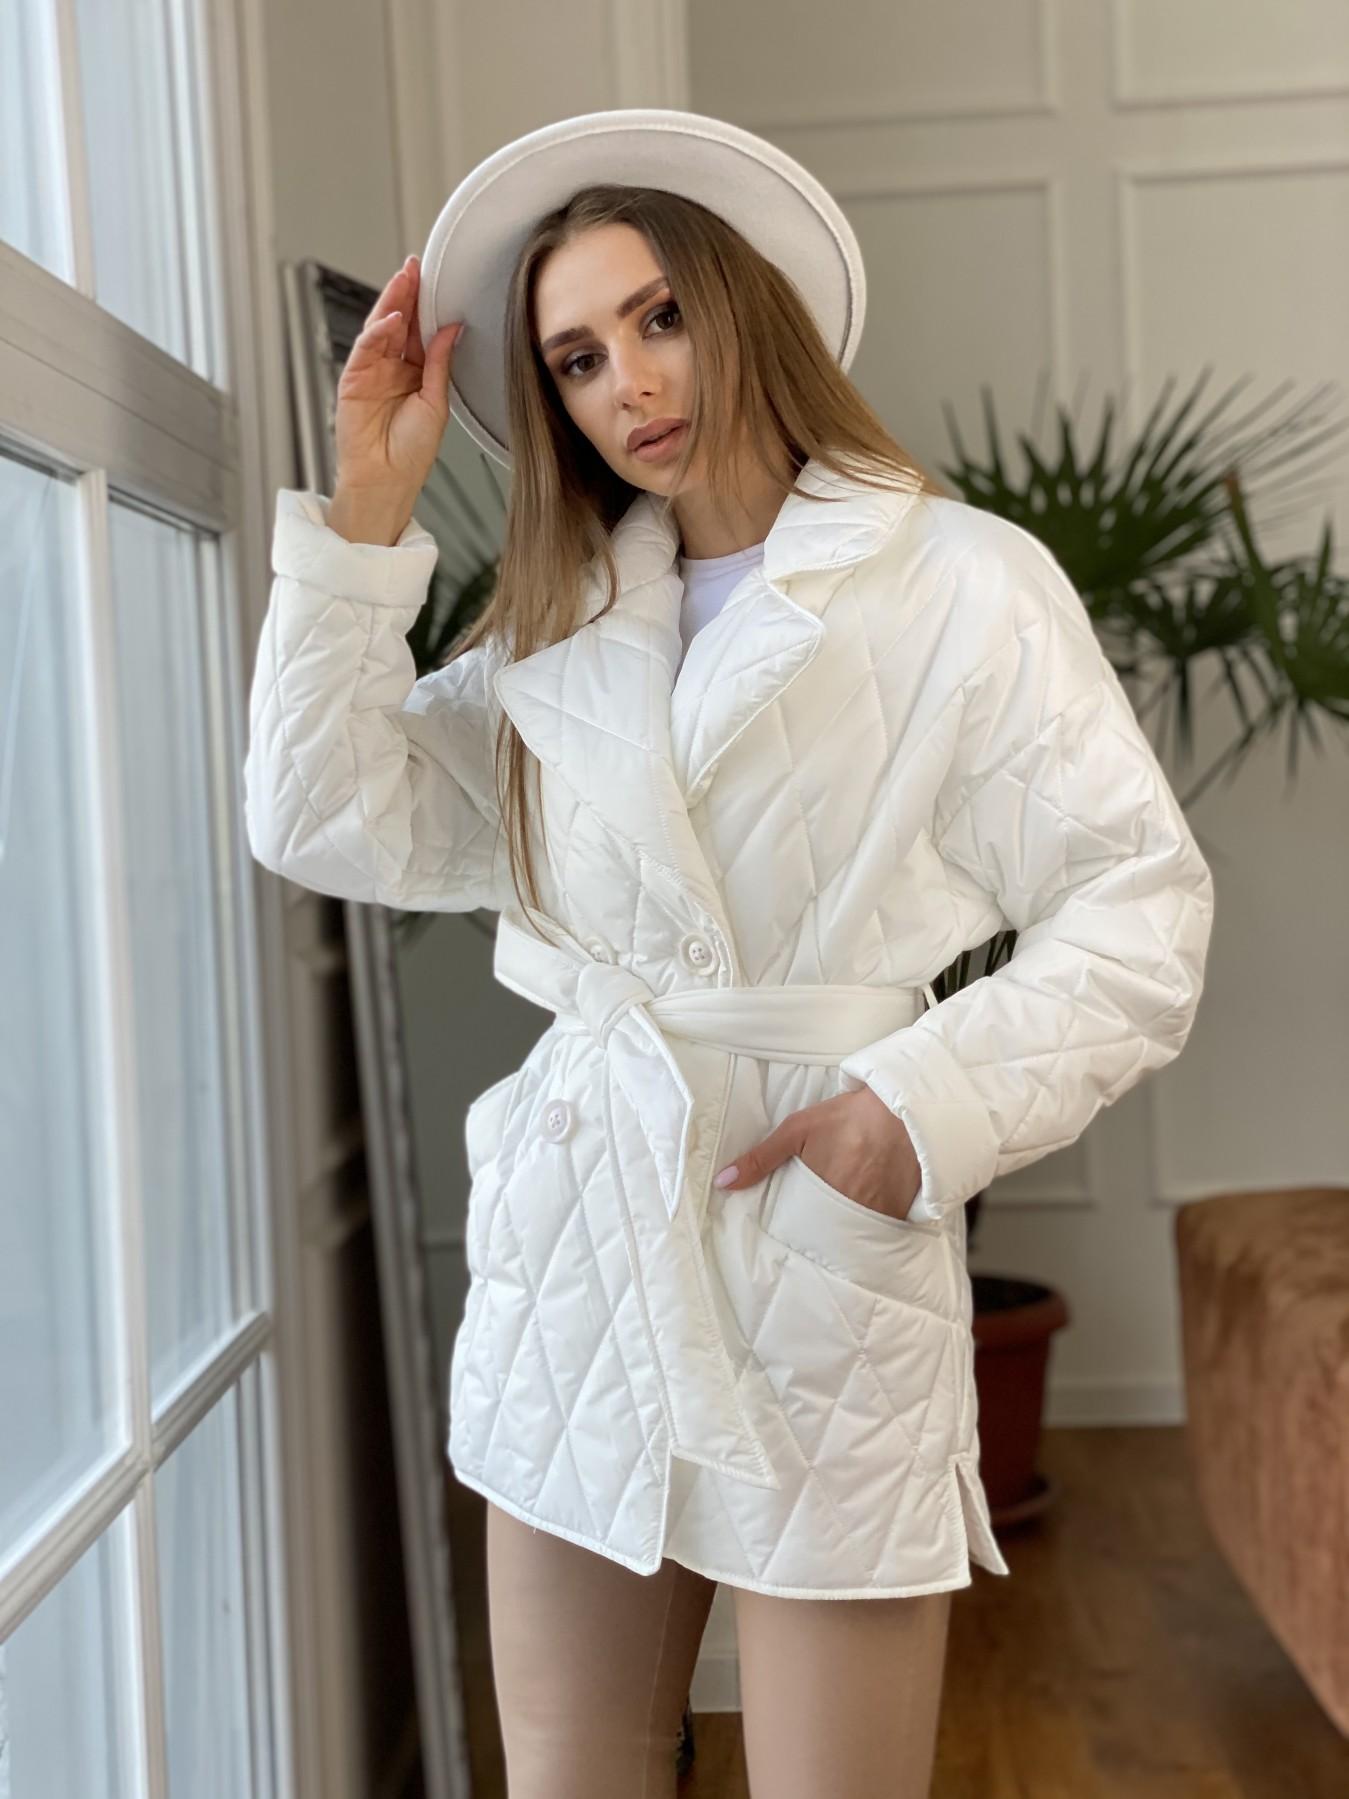 Норд куртка из плащевой ткани стеганая 10883 АРТ. 47423 Цвет: Молоко - фото 6, интернет магазин tm-modus.ru